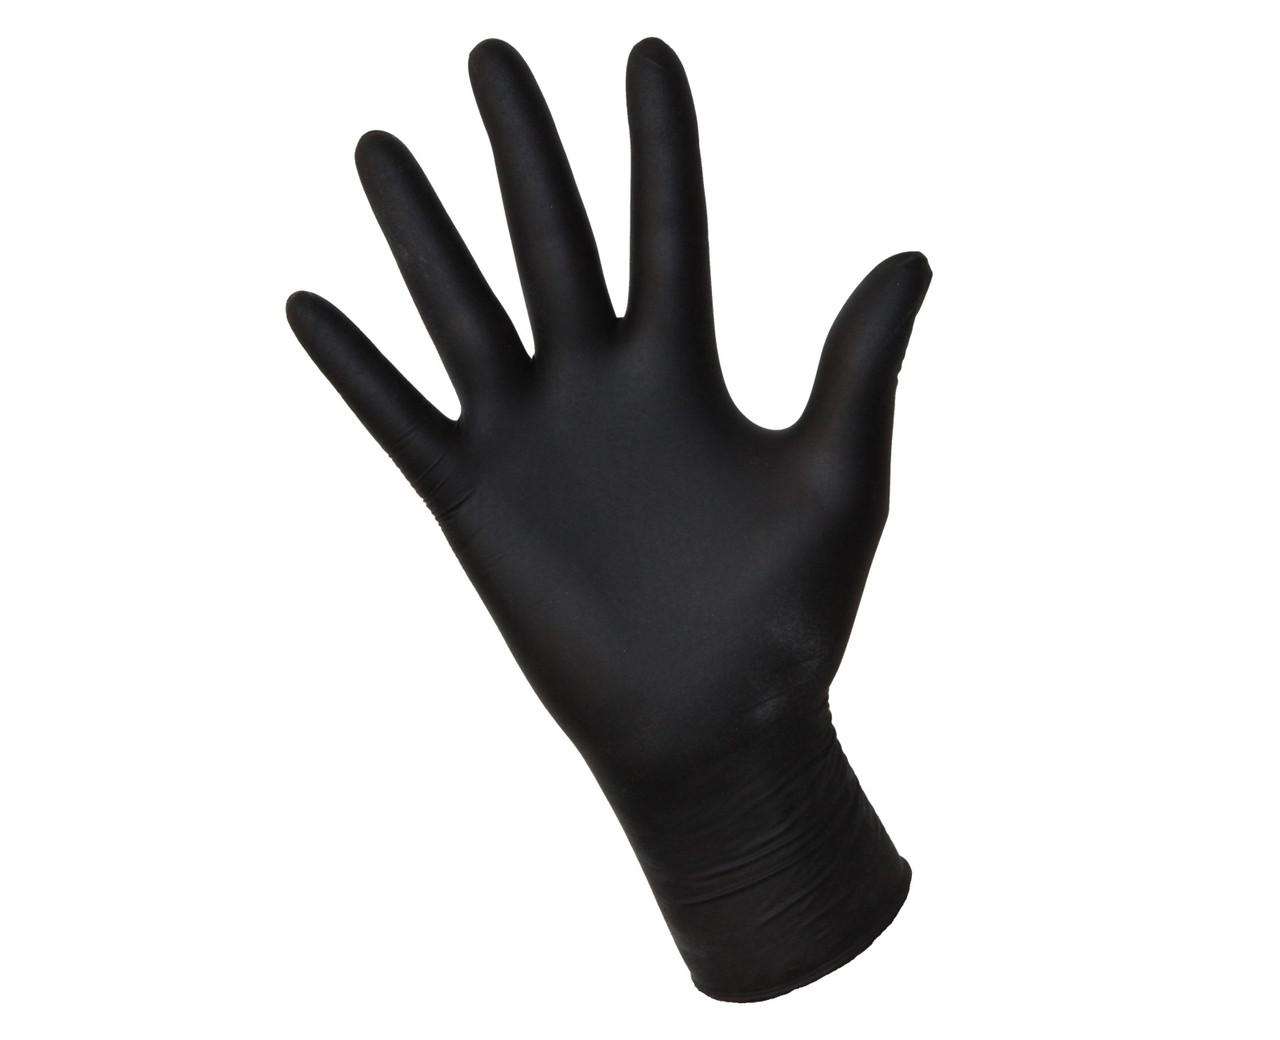 Нітрилові рукавички Чорні 100шт / уп. (50 пар) щільні